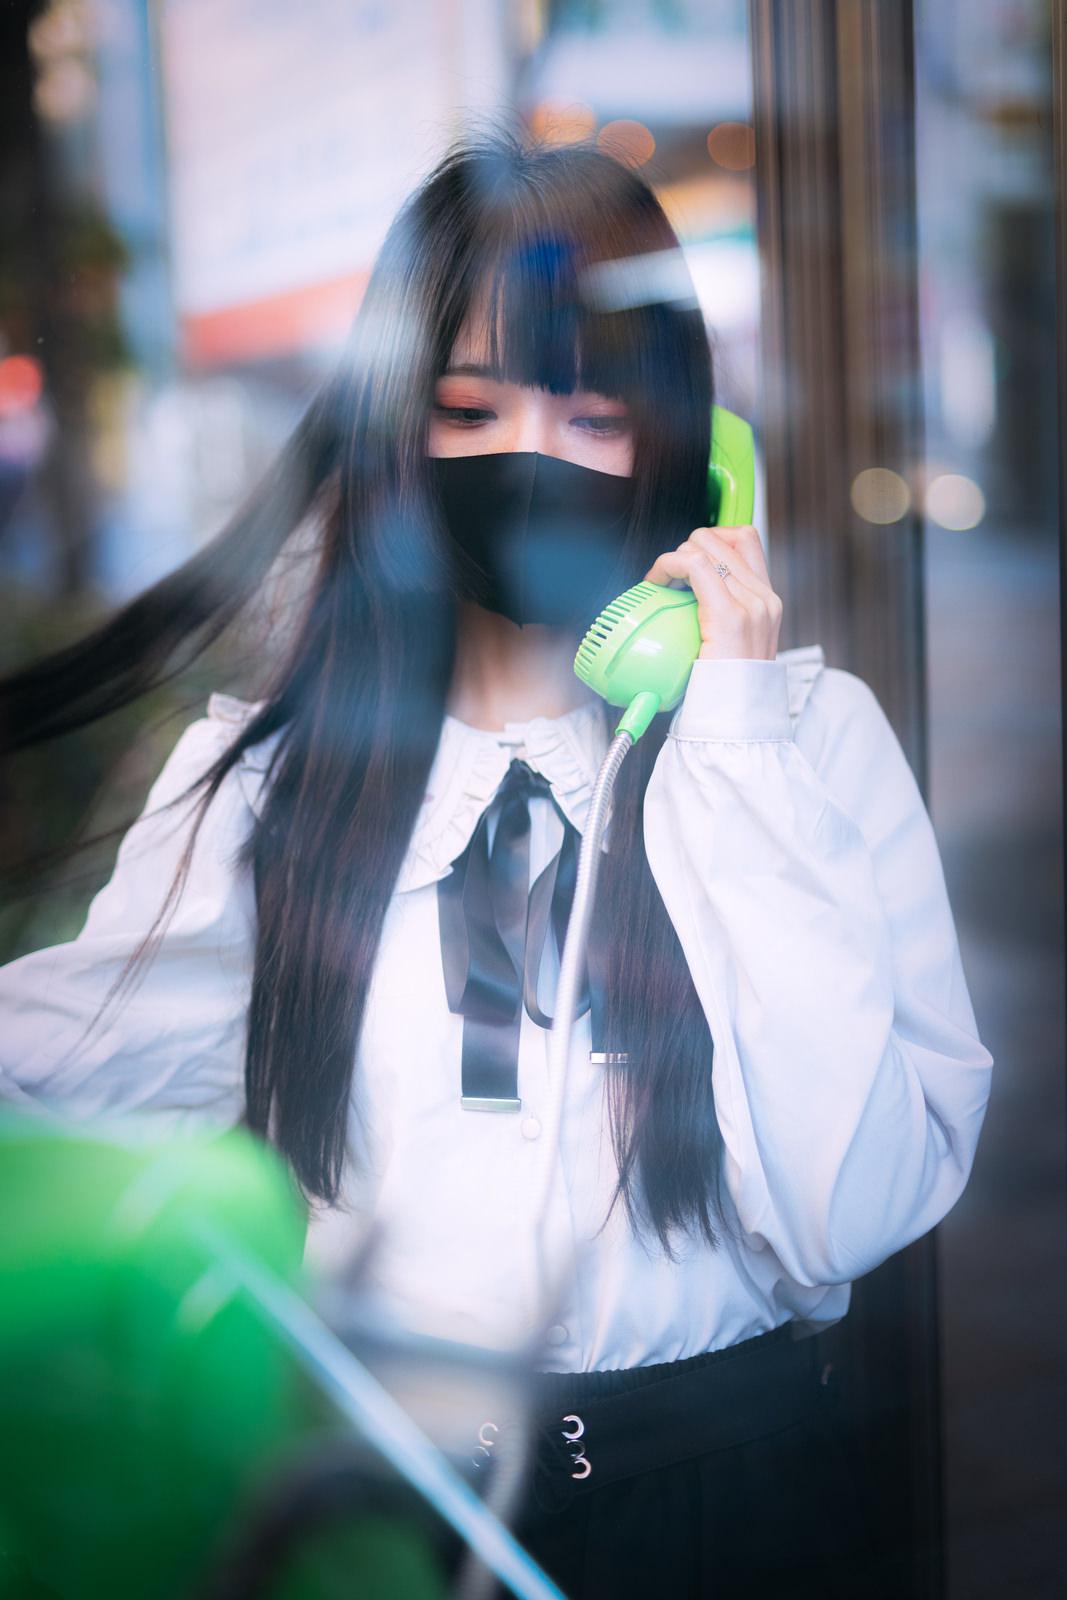 担当に連絡しても既読がつかないので公衆電話から電話する病みマスク女子のフリー素材